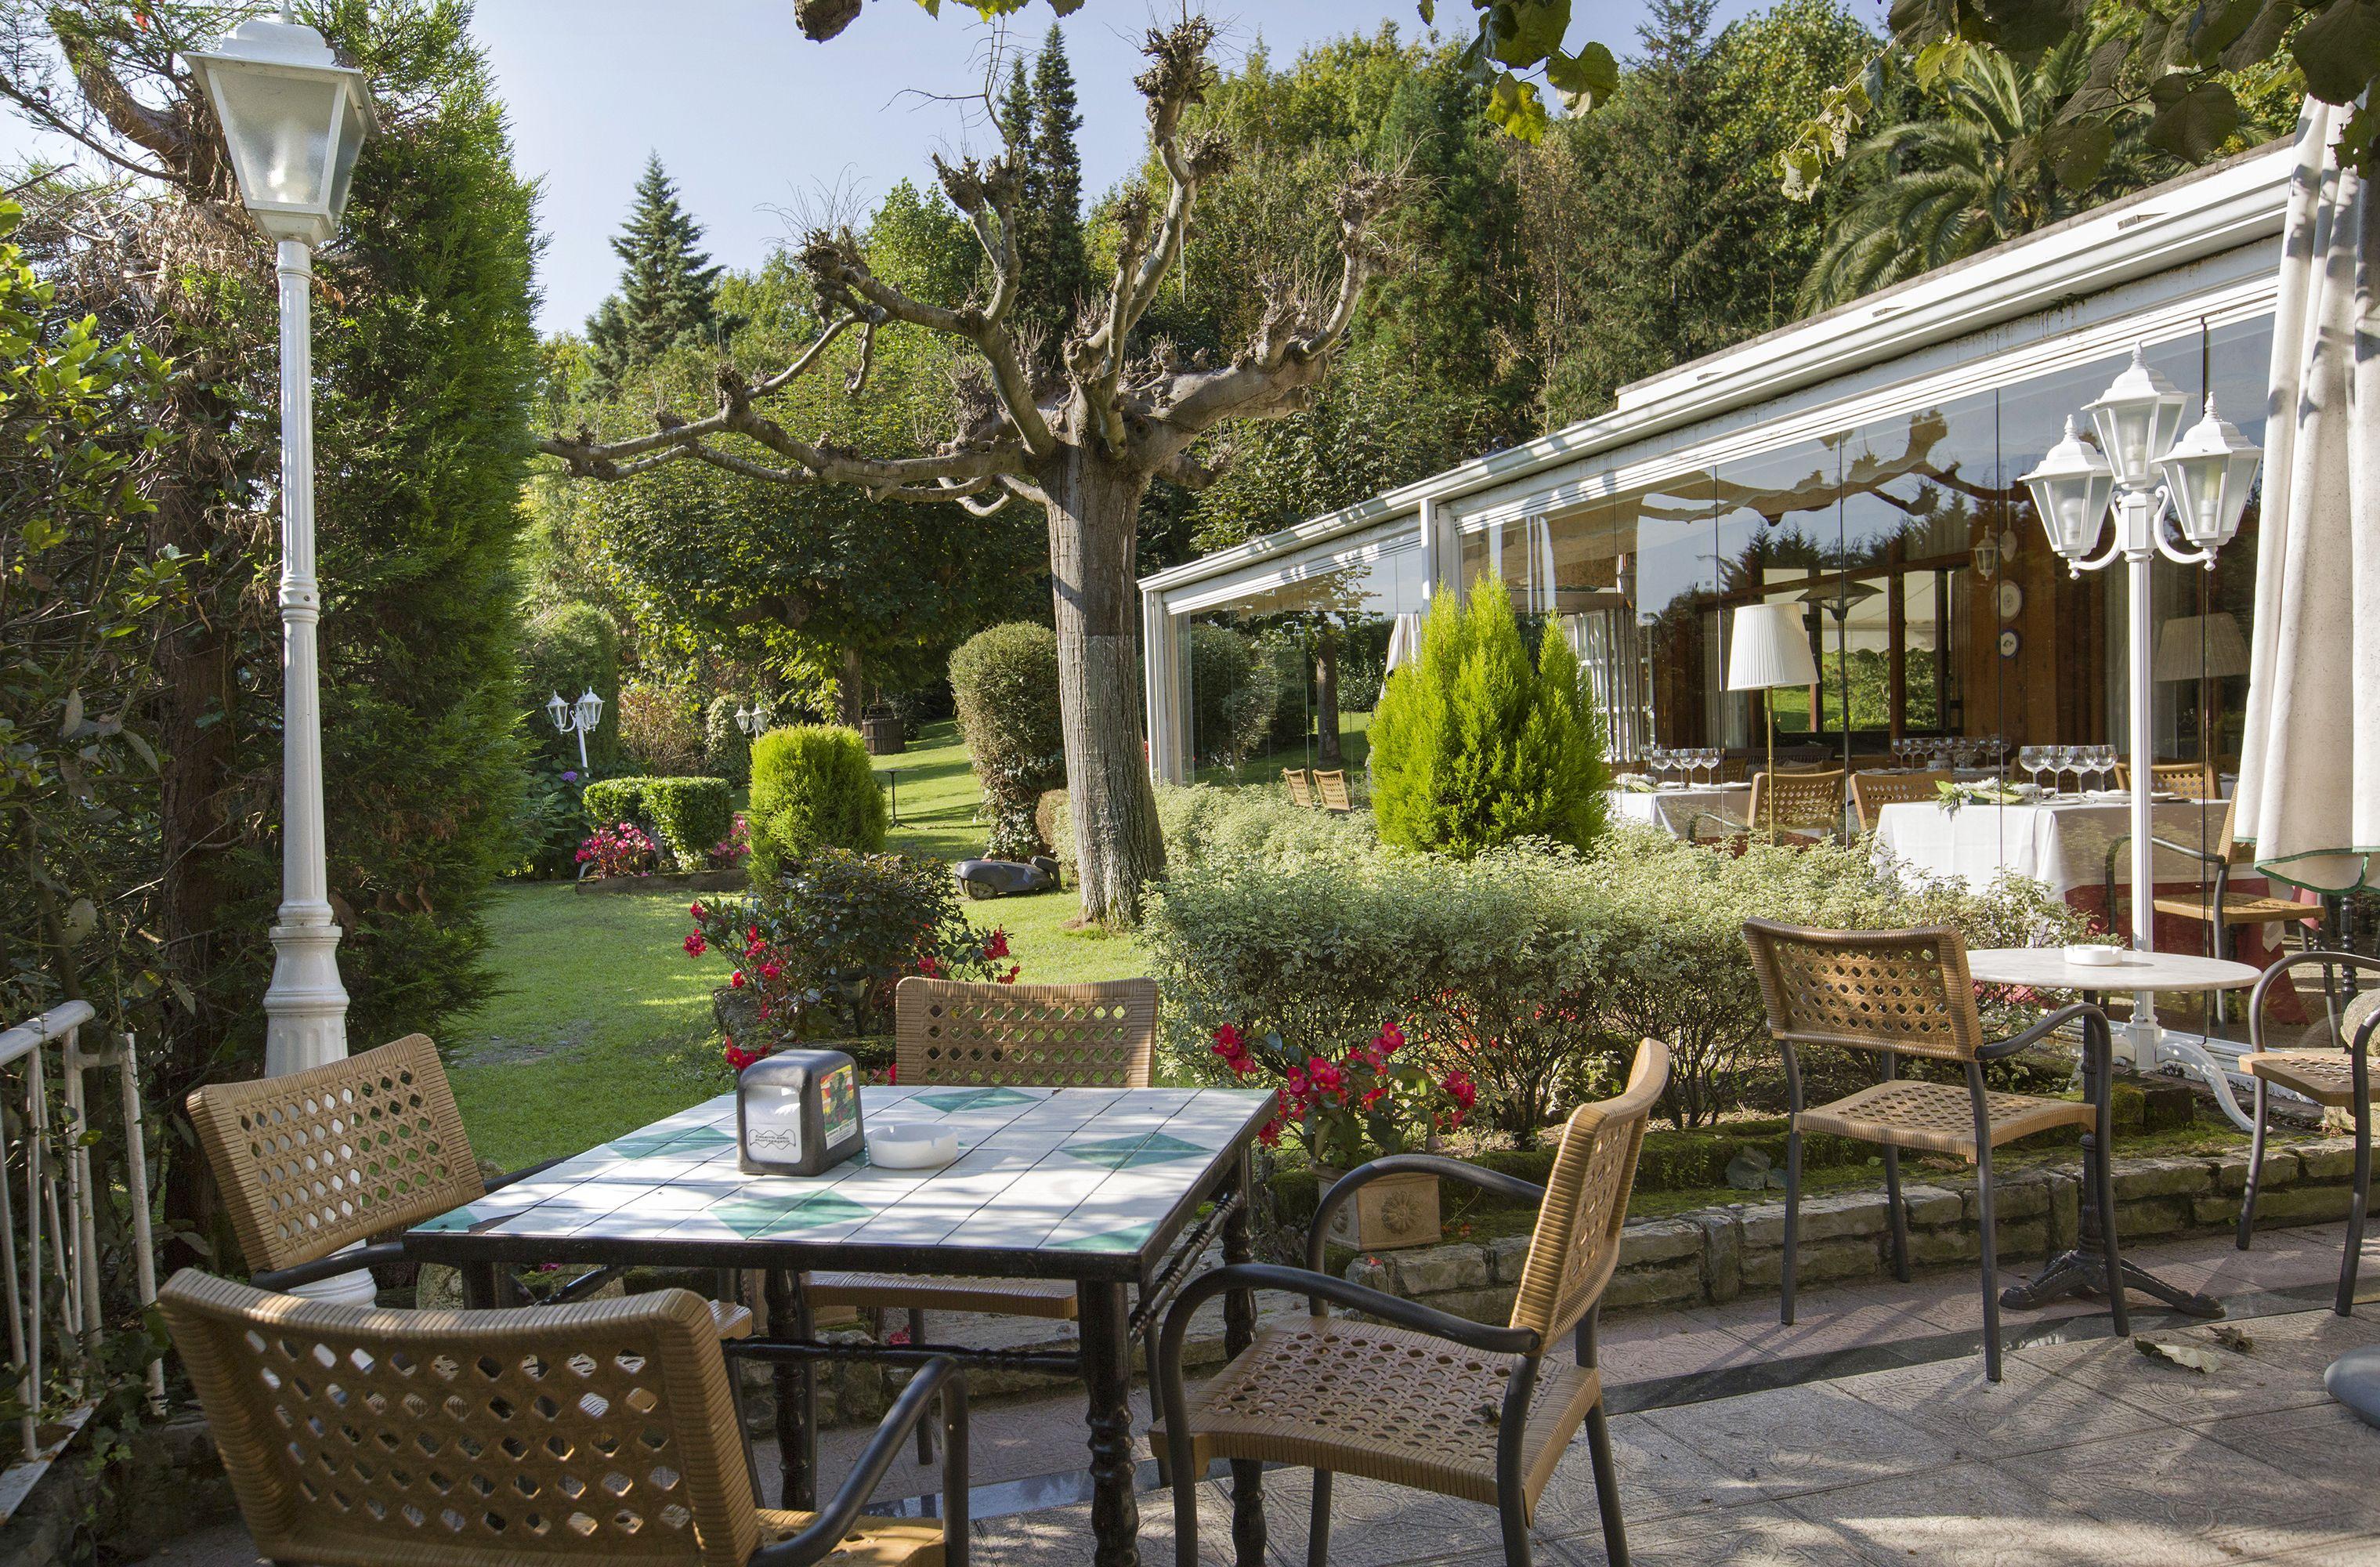 Restaurante con amplios jardines